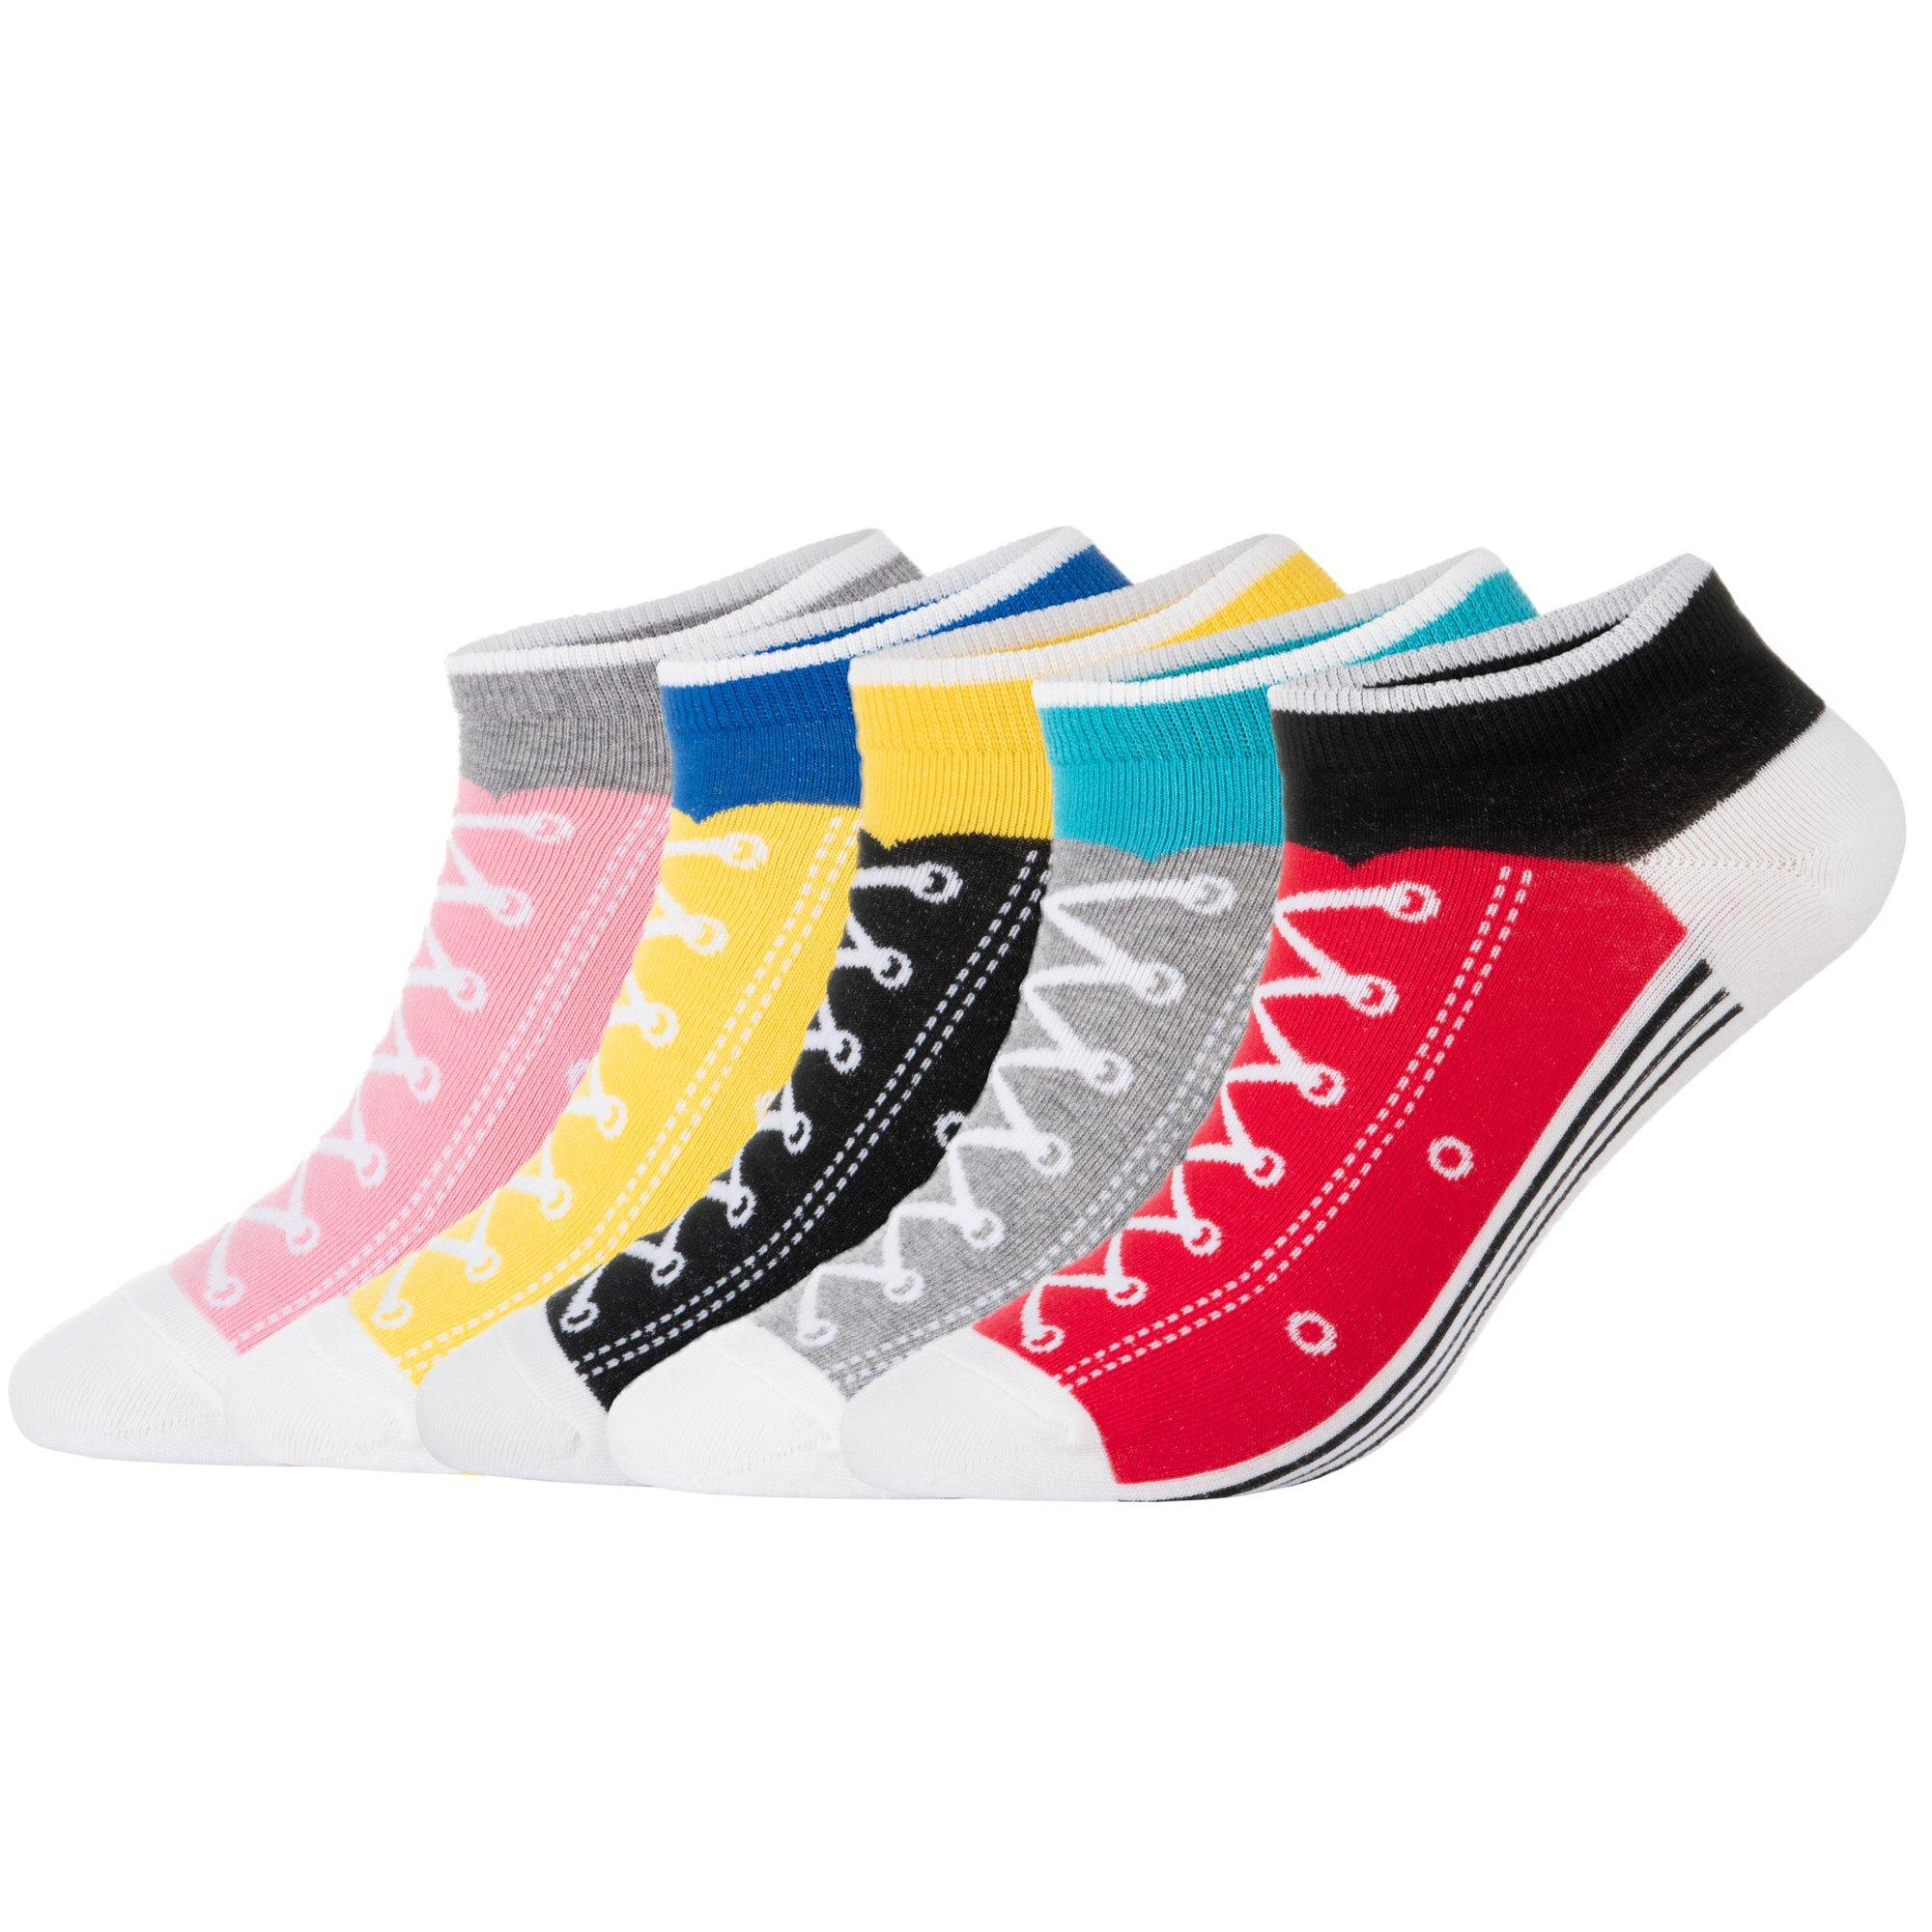 KONY Women's 5 Pack Lightweight Cotton (86%) Fun Novelty Low Cut Socks Cool Sneakers Ankle Socks Gift Idea Size 6-10